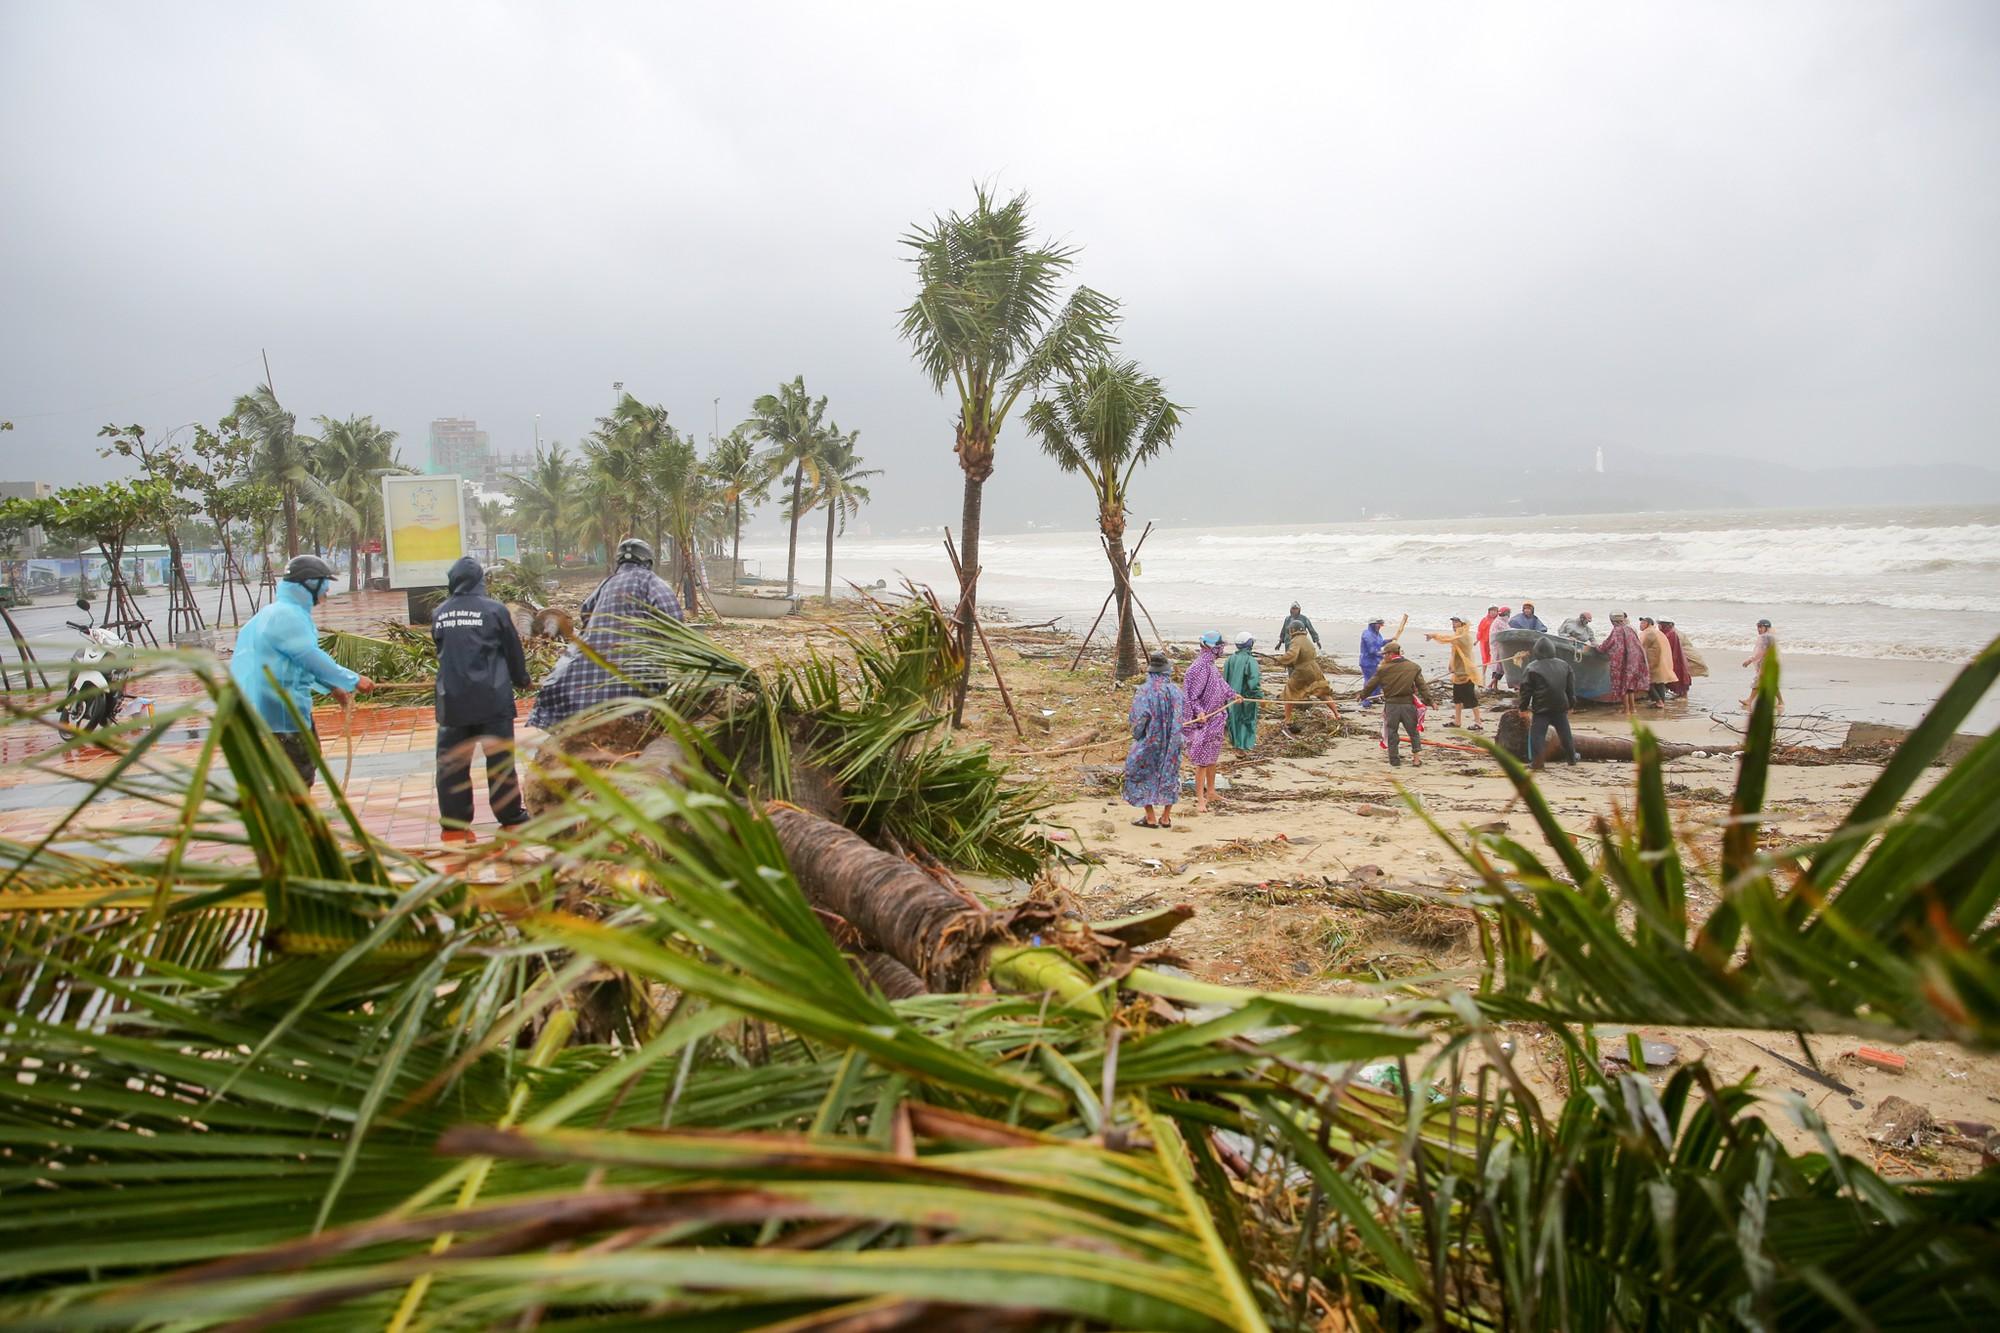 [PHOTO ESSAY] Toàn cảnh Đà Nẵng: Chạy đua với bão chuẩn bị cho khai mạc APEC - Ảnh 4.